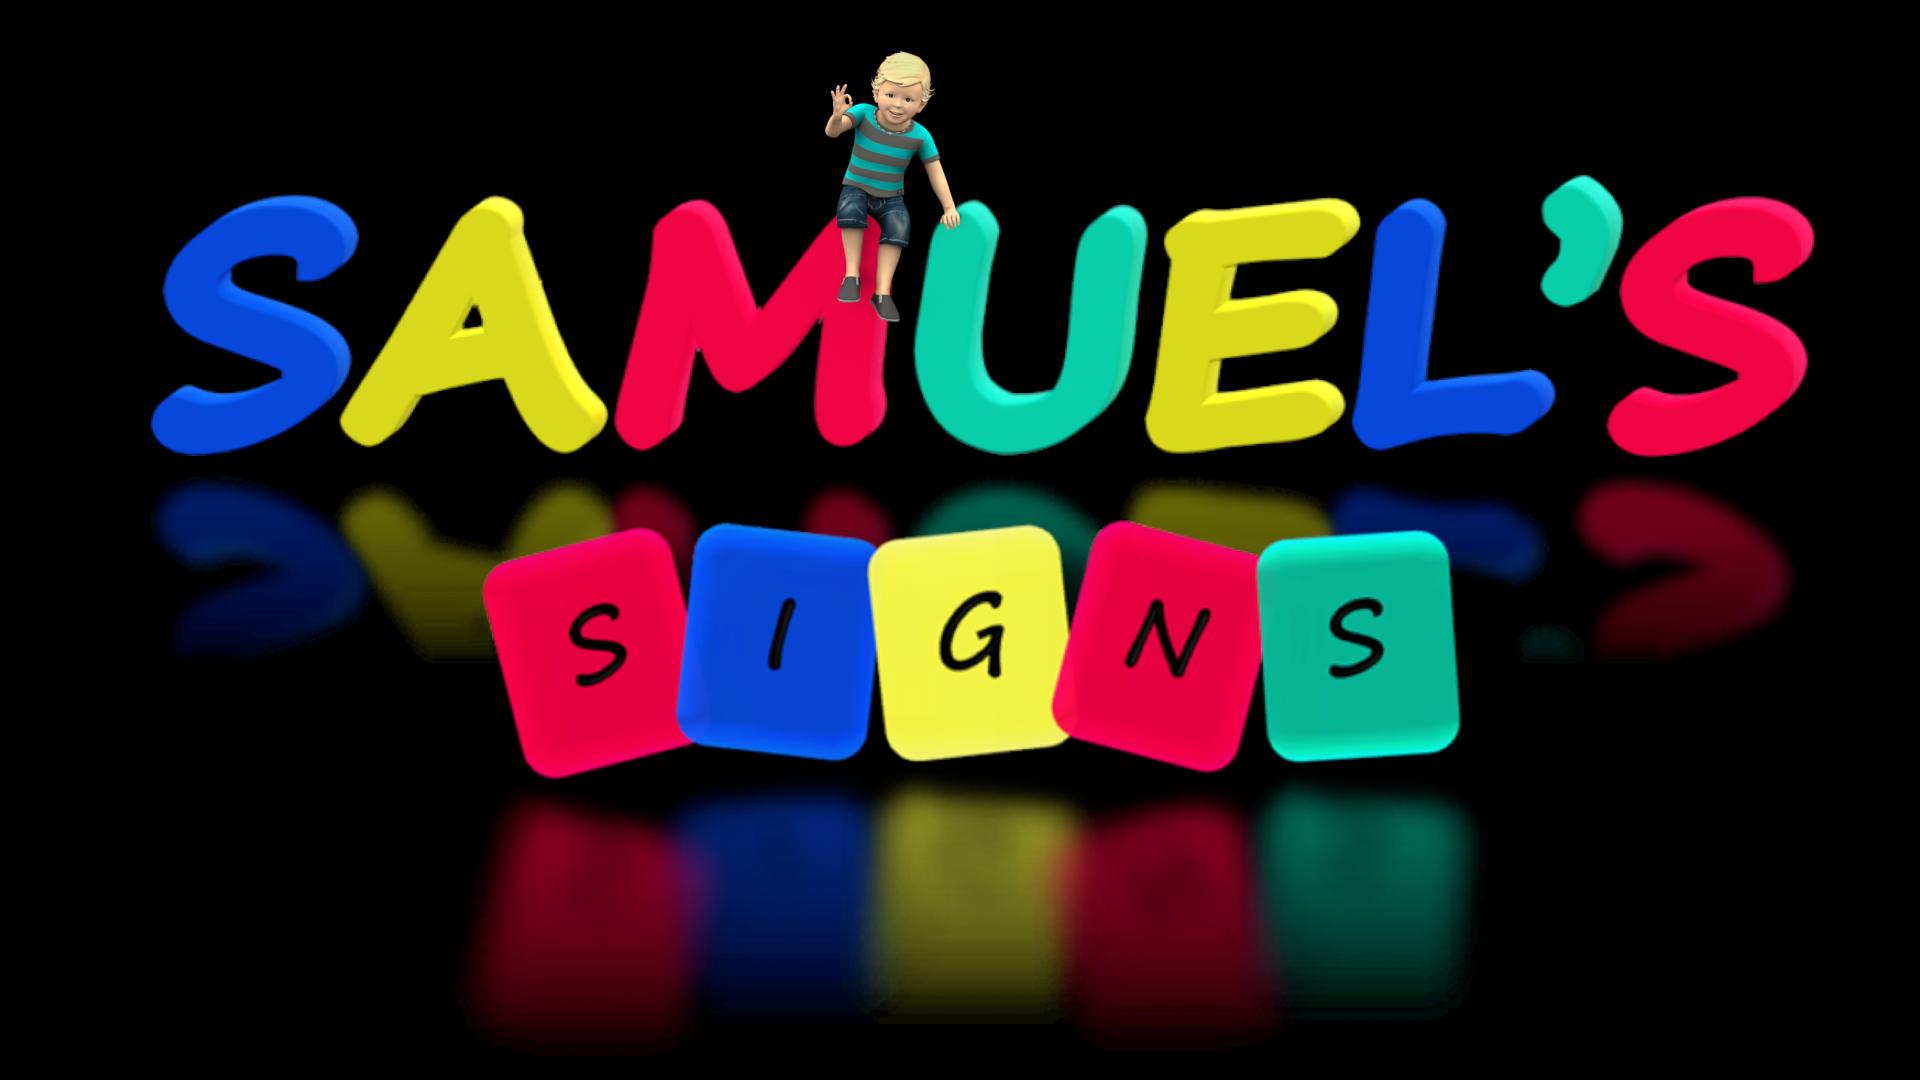 Samuel Signes